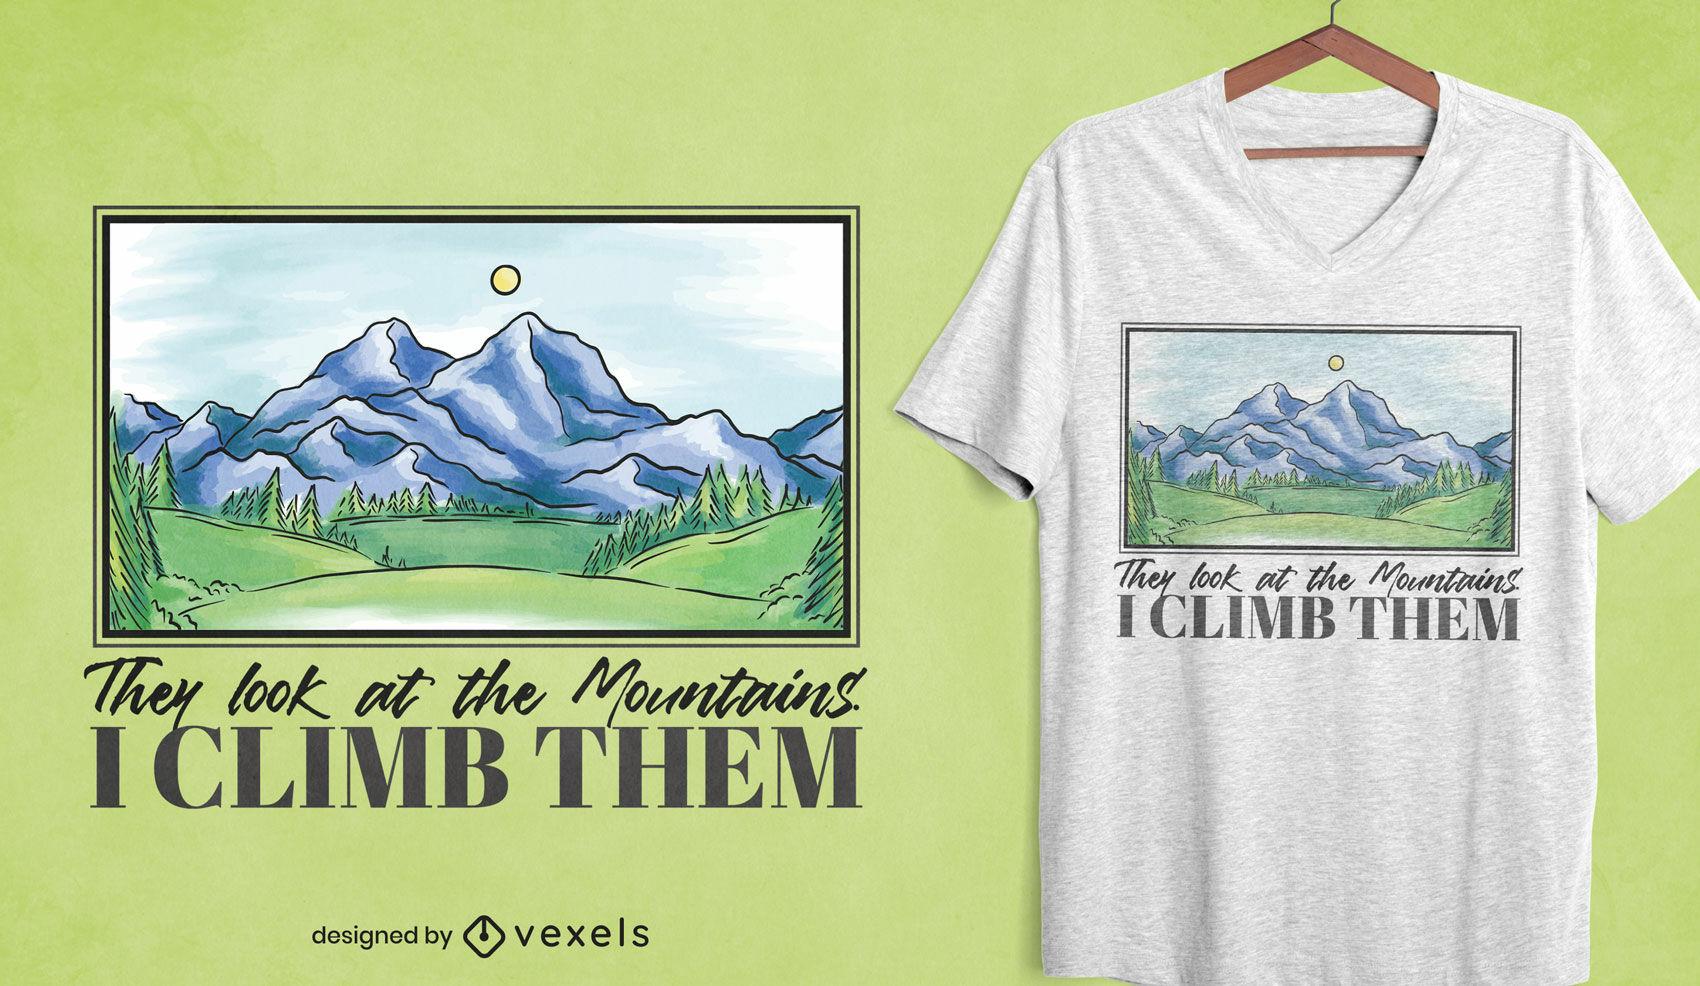 Mountain landscape painting t-shirt design